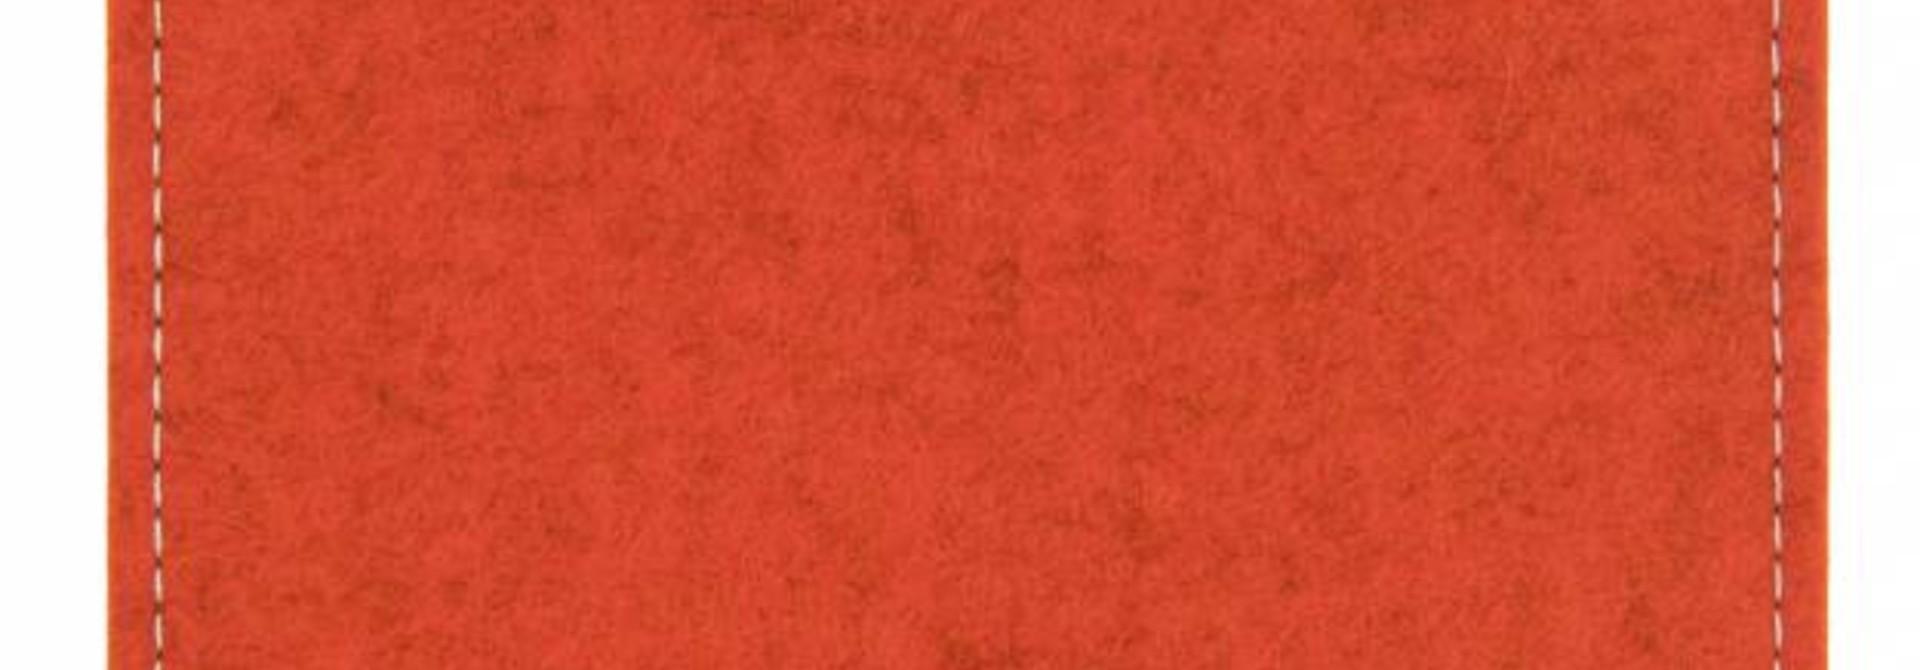 Kindle Sleeve Rust